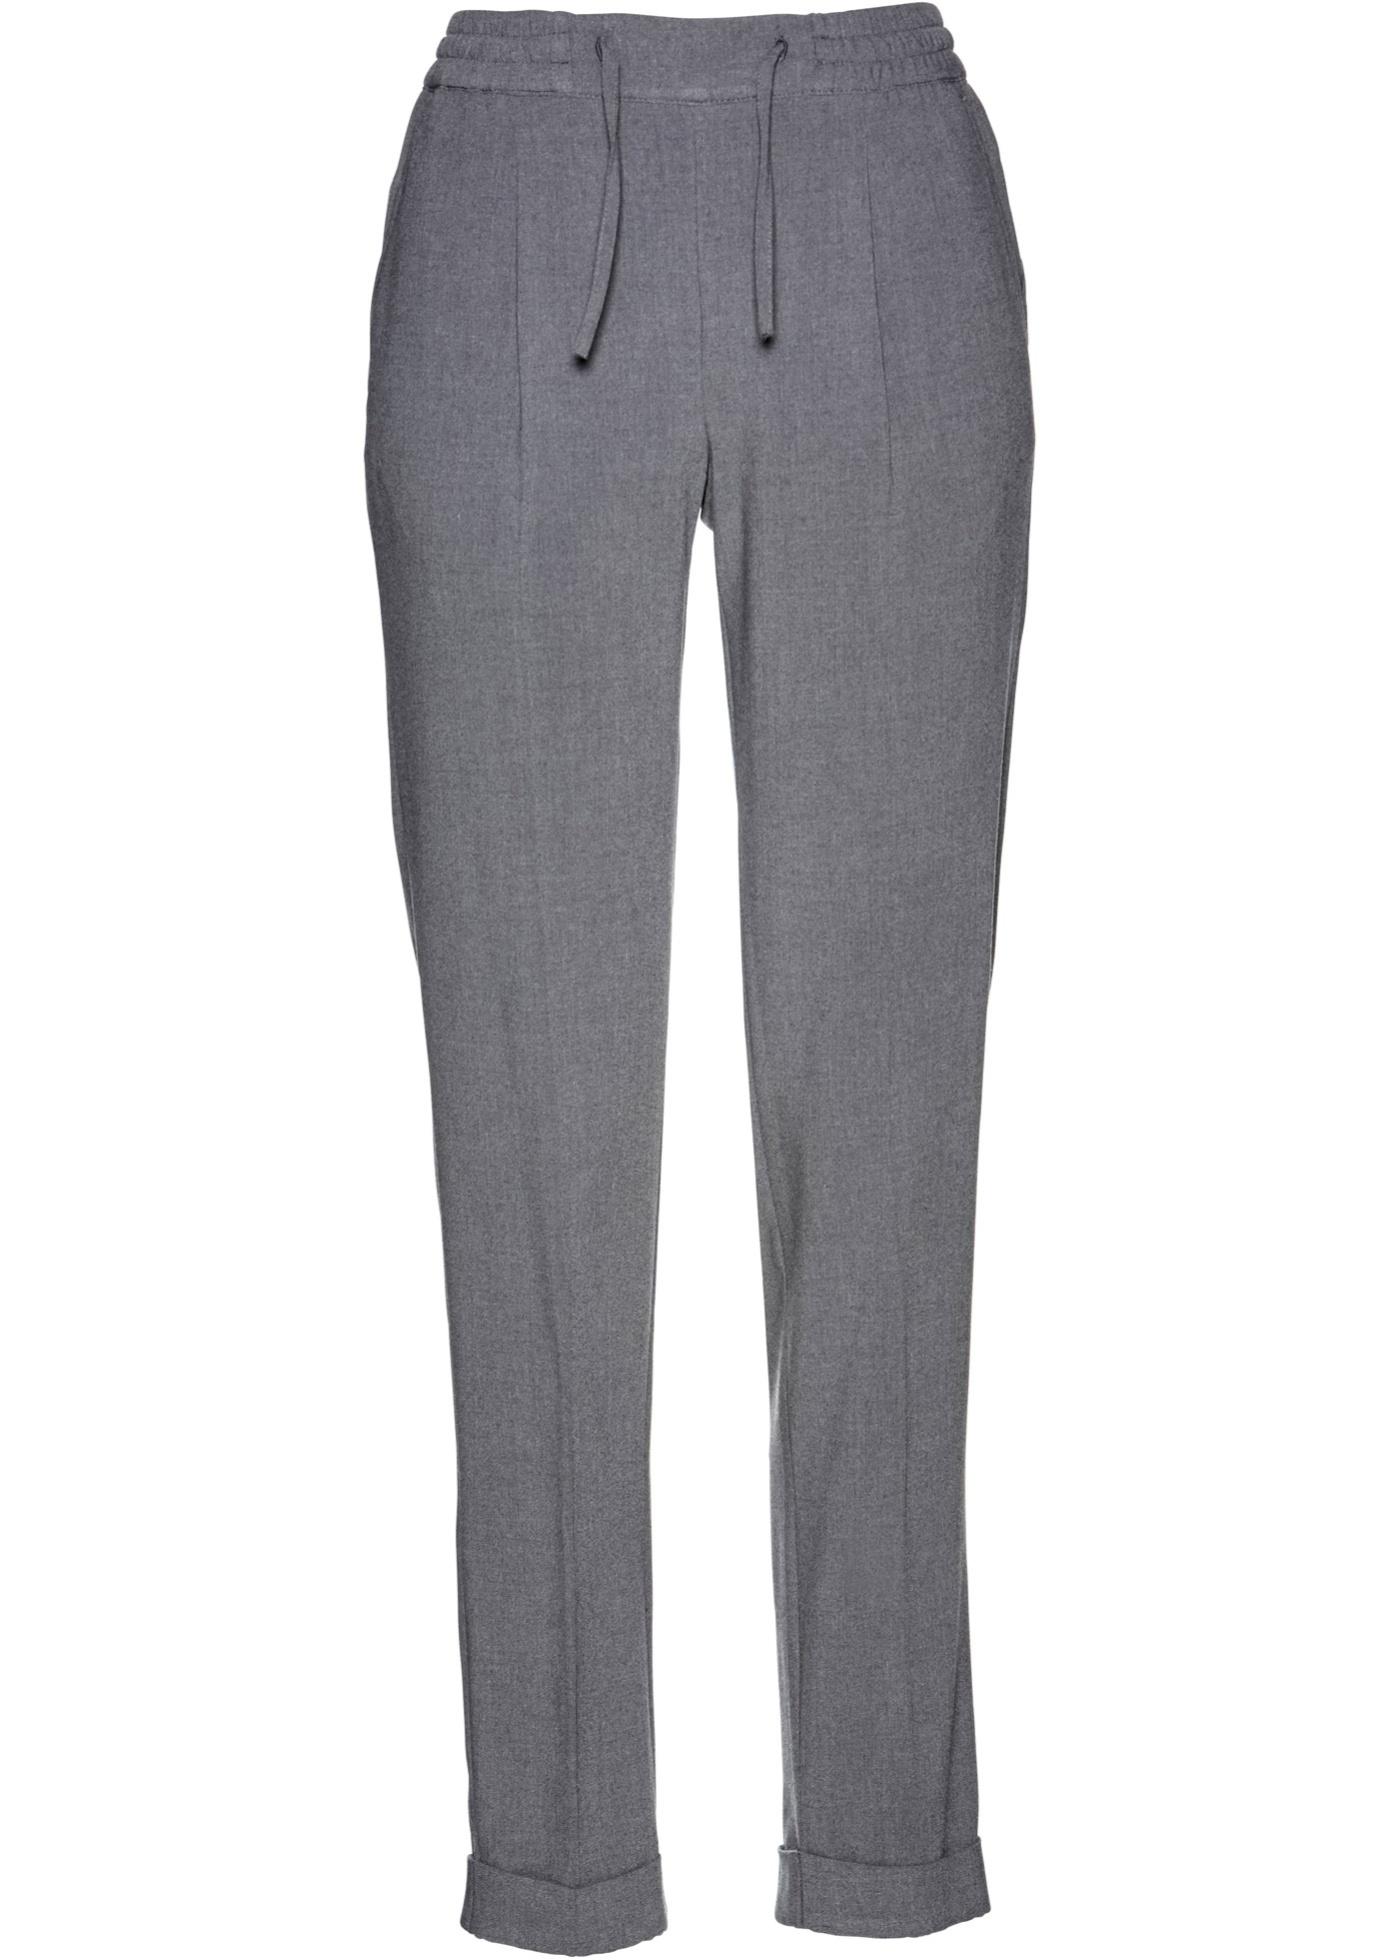 Kalhoty s průvlekem na gumu - Šedá